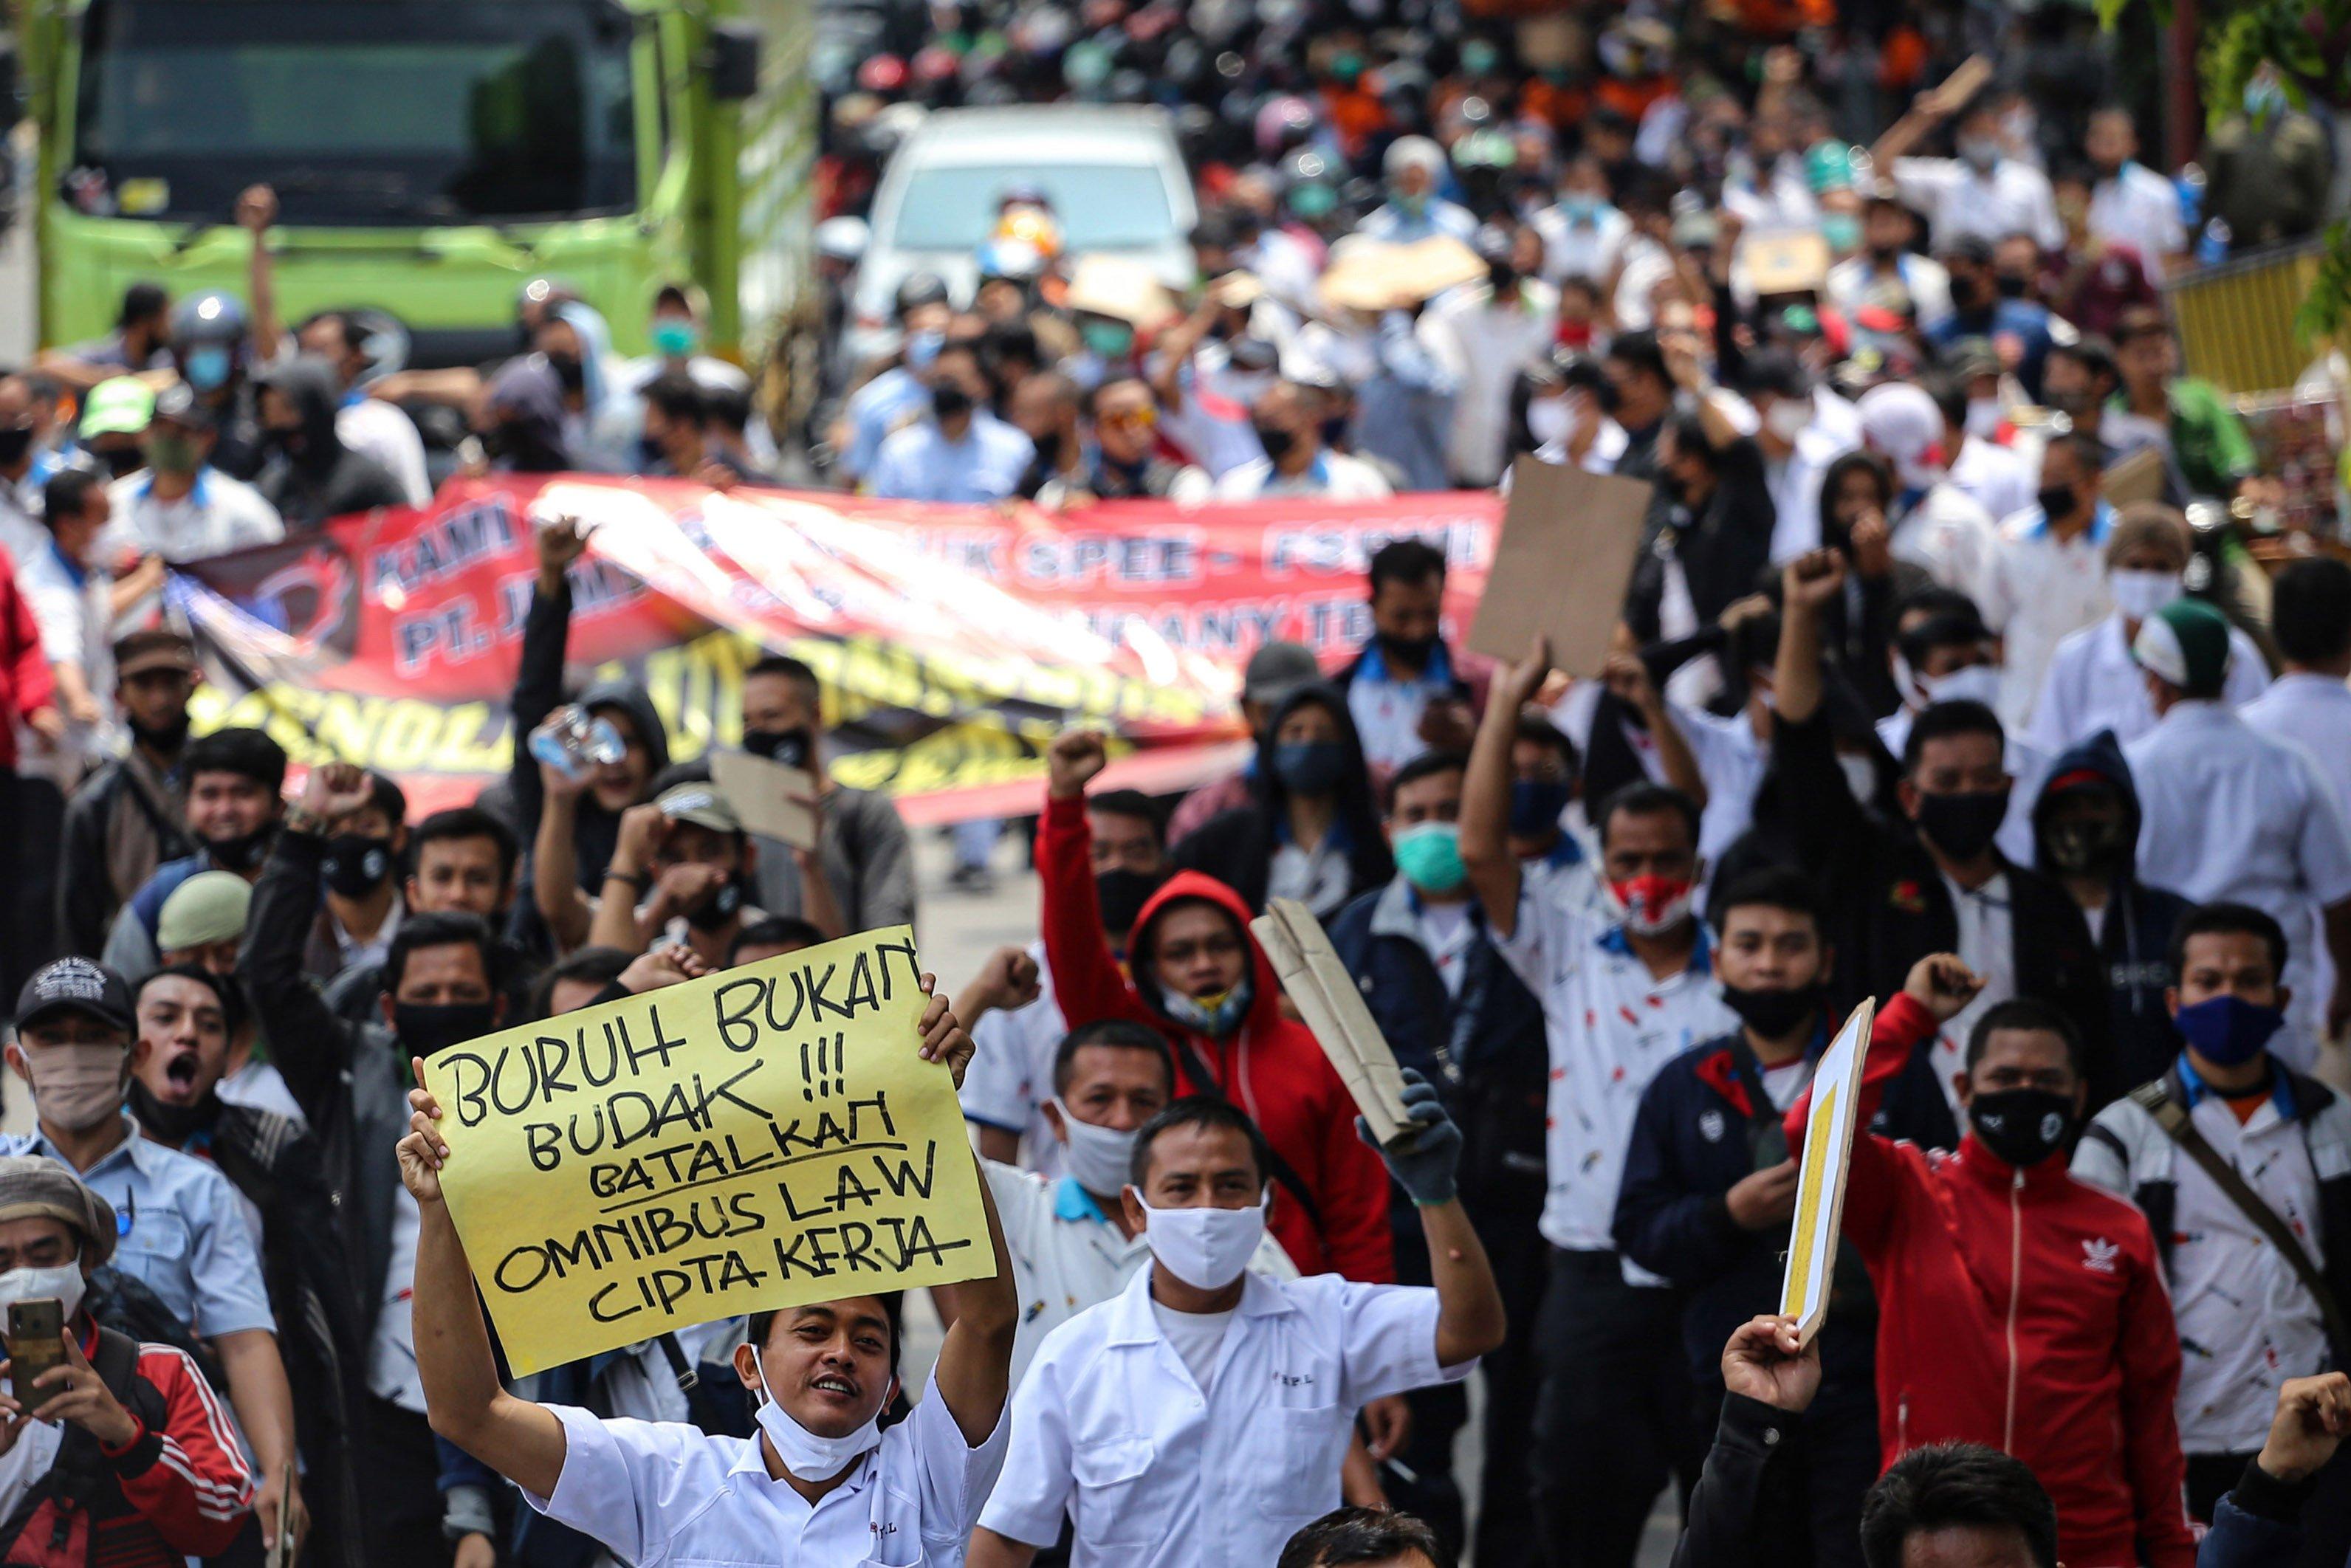 Sejumlah buruh mengikuti aksi long march di kawasan Jatiuwung, Kota Tangerang, Banten, Selasa (6/10/2020). Aksi tersebut sebagai bentuk kekecewaan buruh atas pengesahan Undang-Undang Cipta Kerja yang dianggap merugikan kaum buruh.